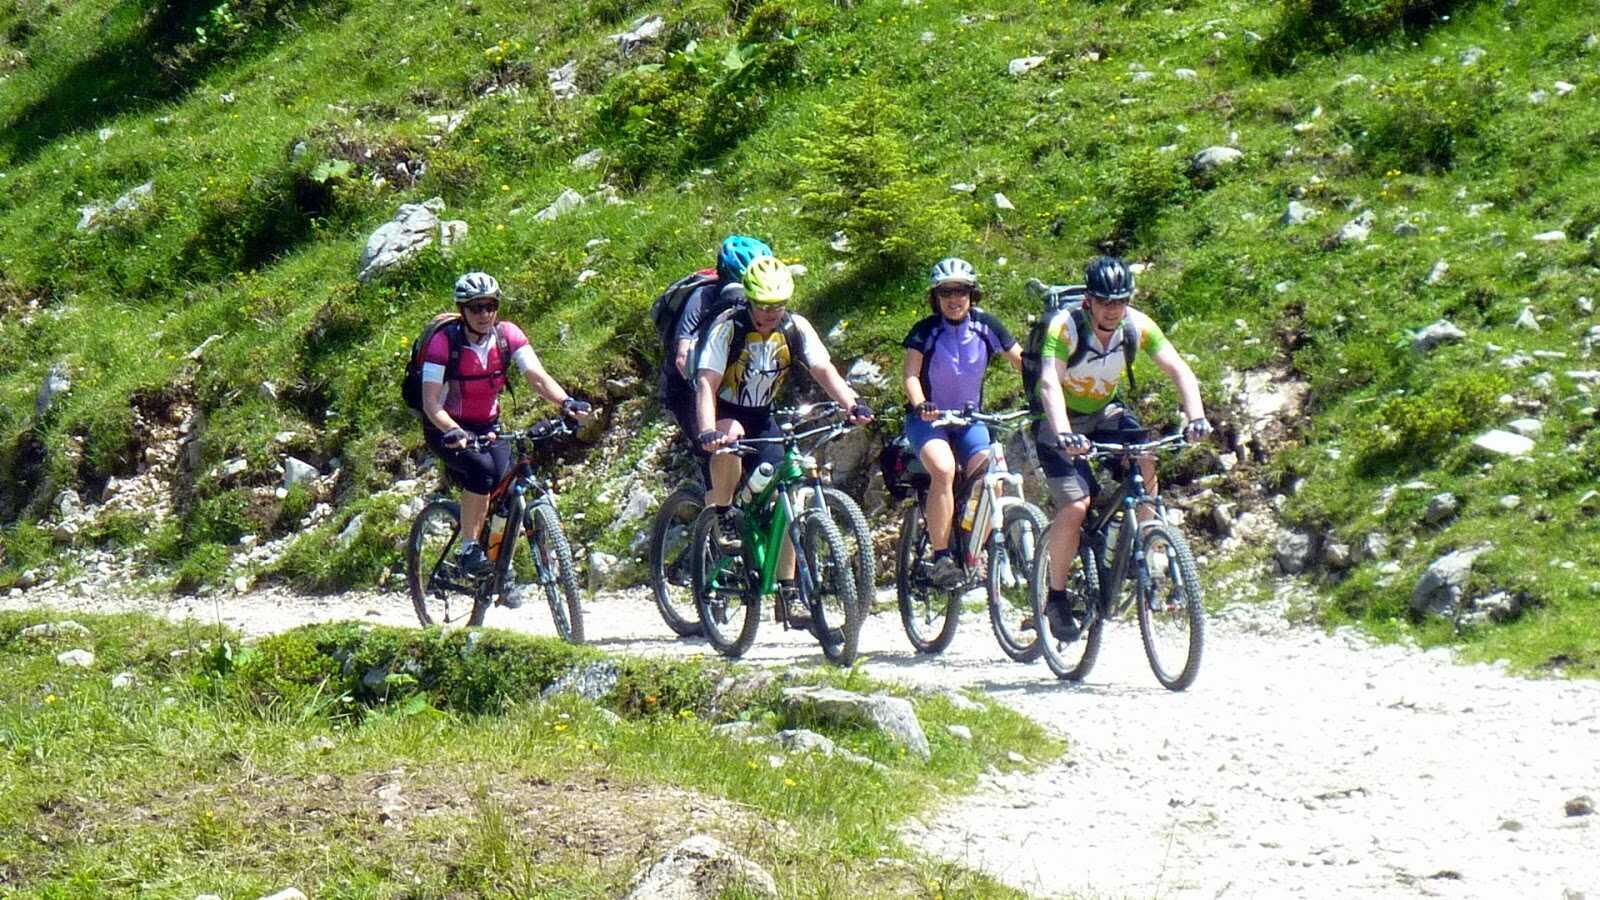 randonnée  à vélo sur les sentiers jusqu'à schaschenhaus